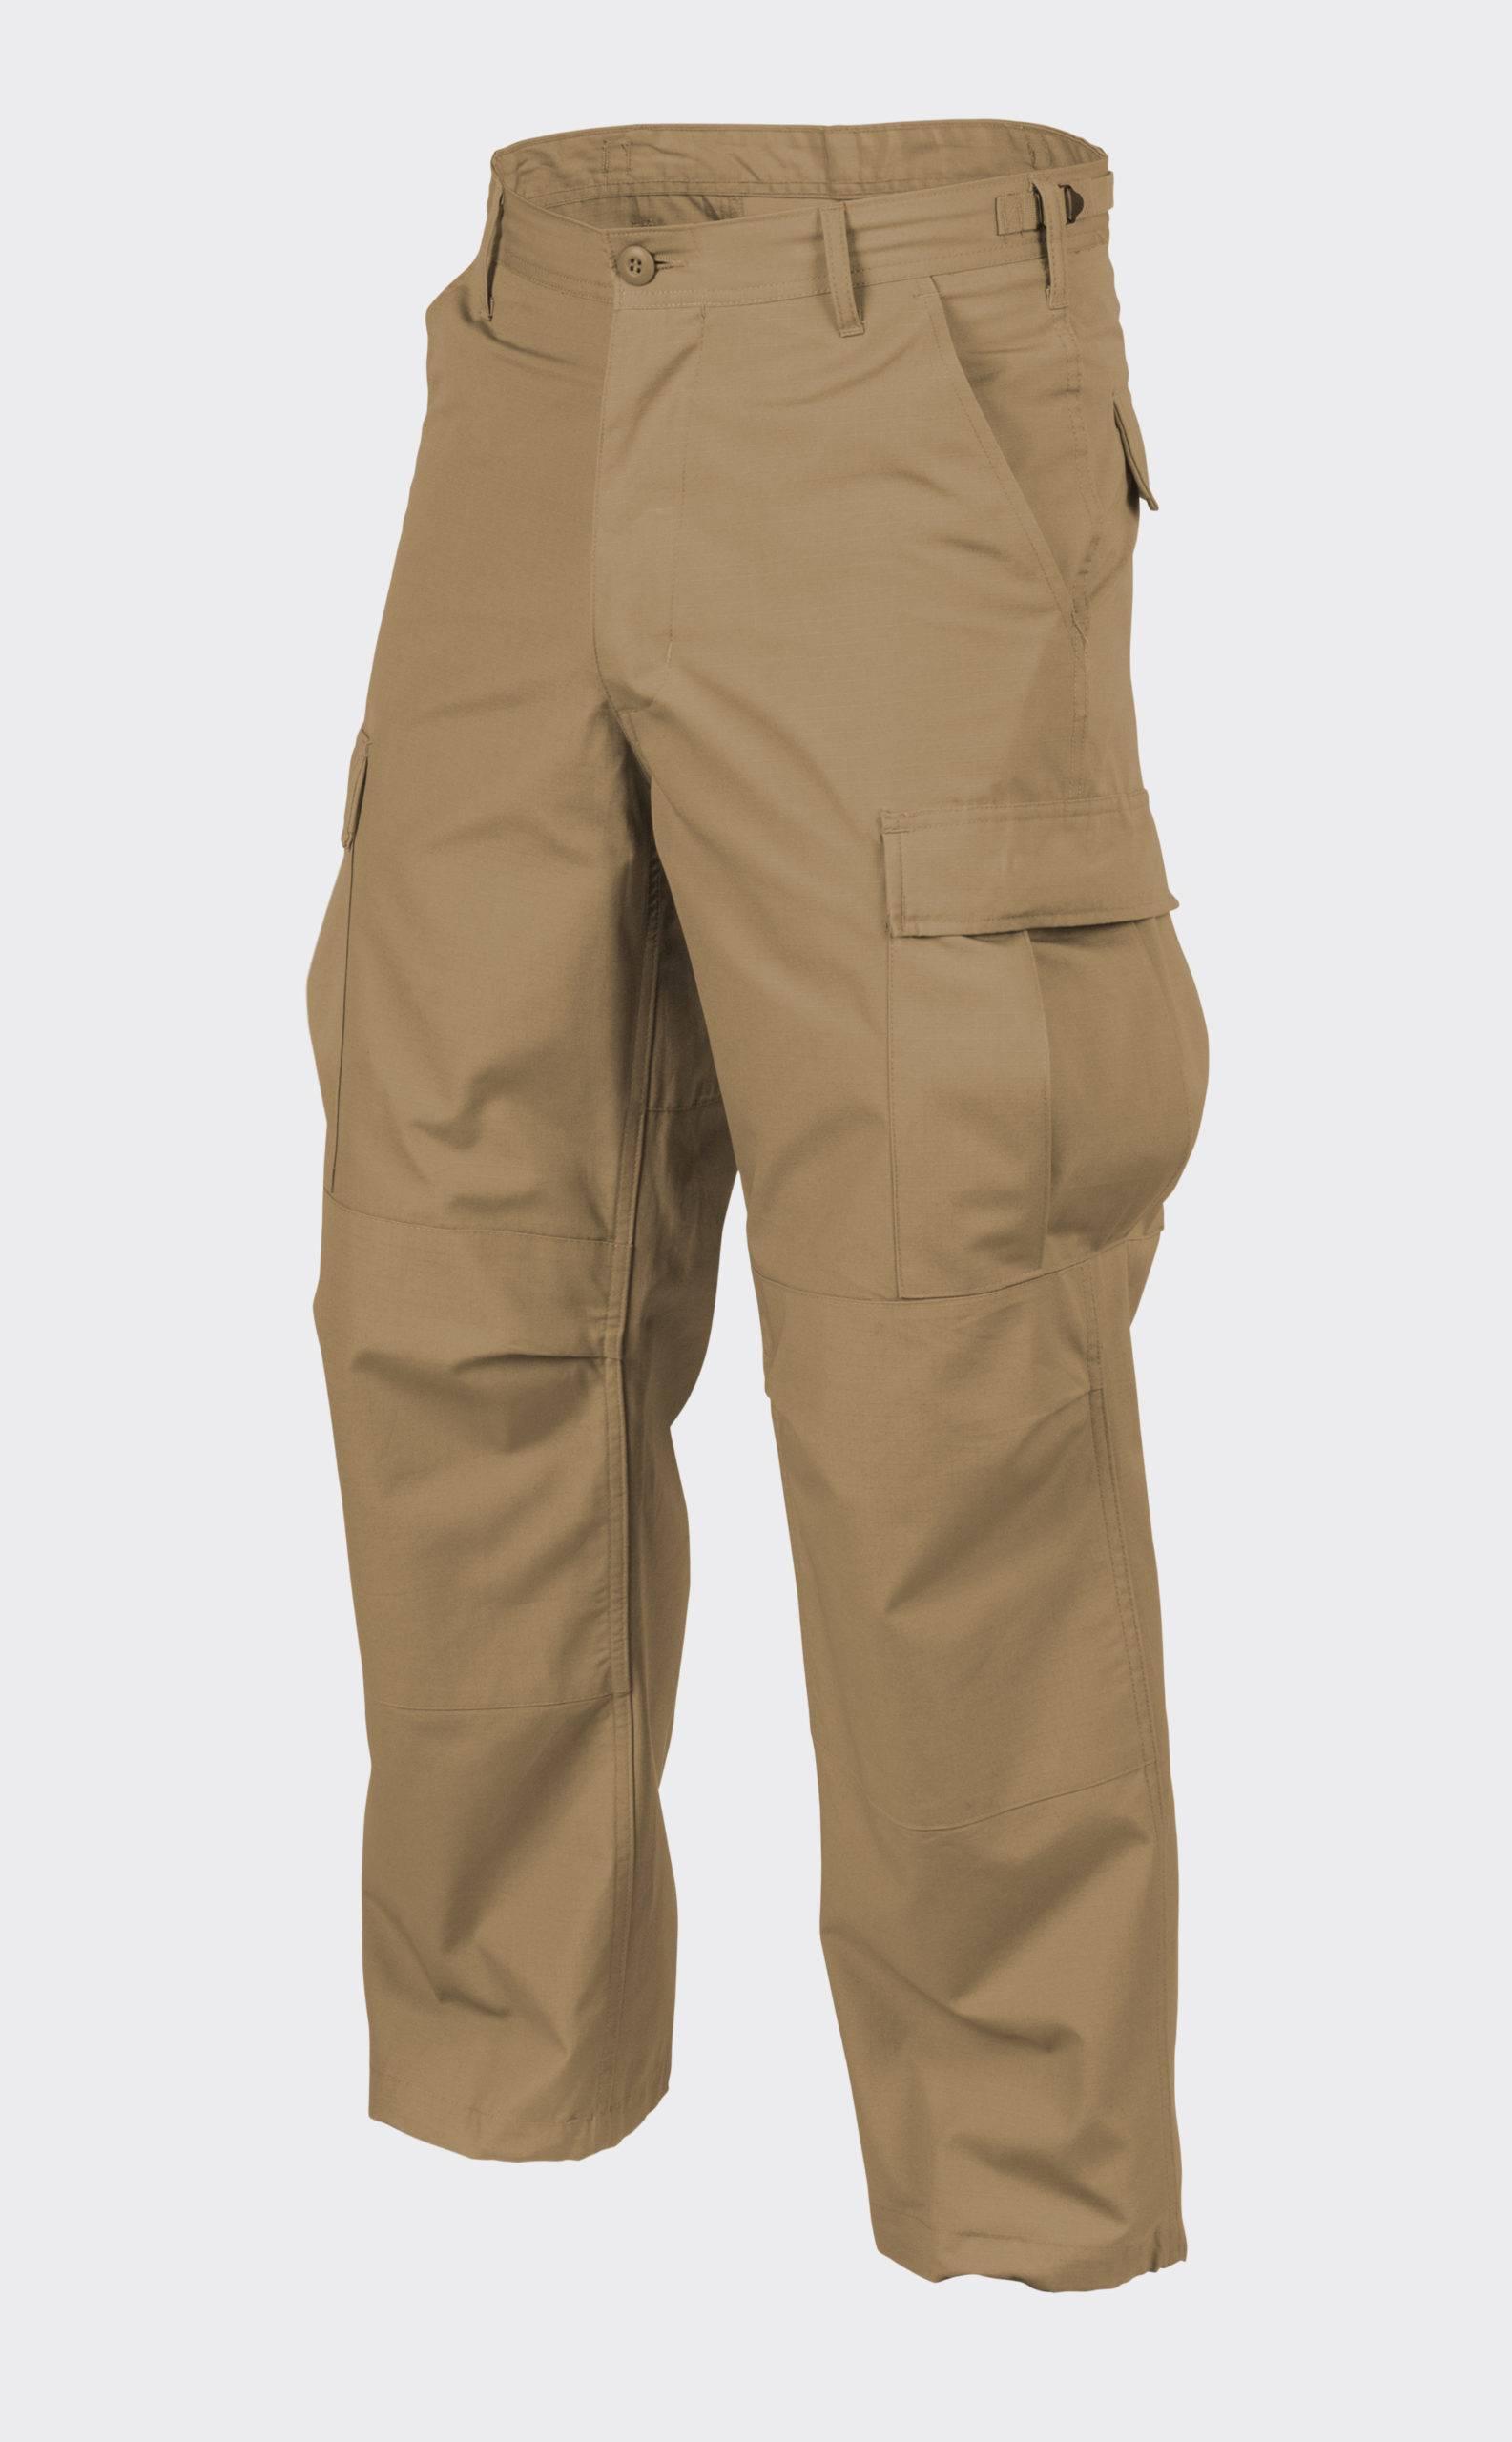 Spodnie BDU -Cotton Ripstop Coyote Helikon-Tex